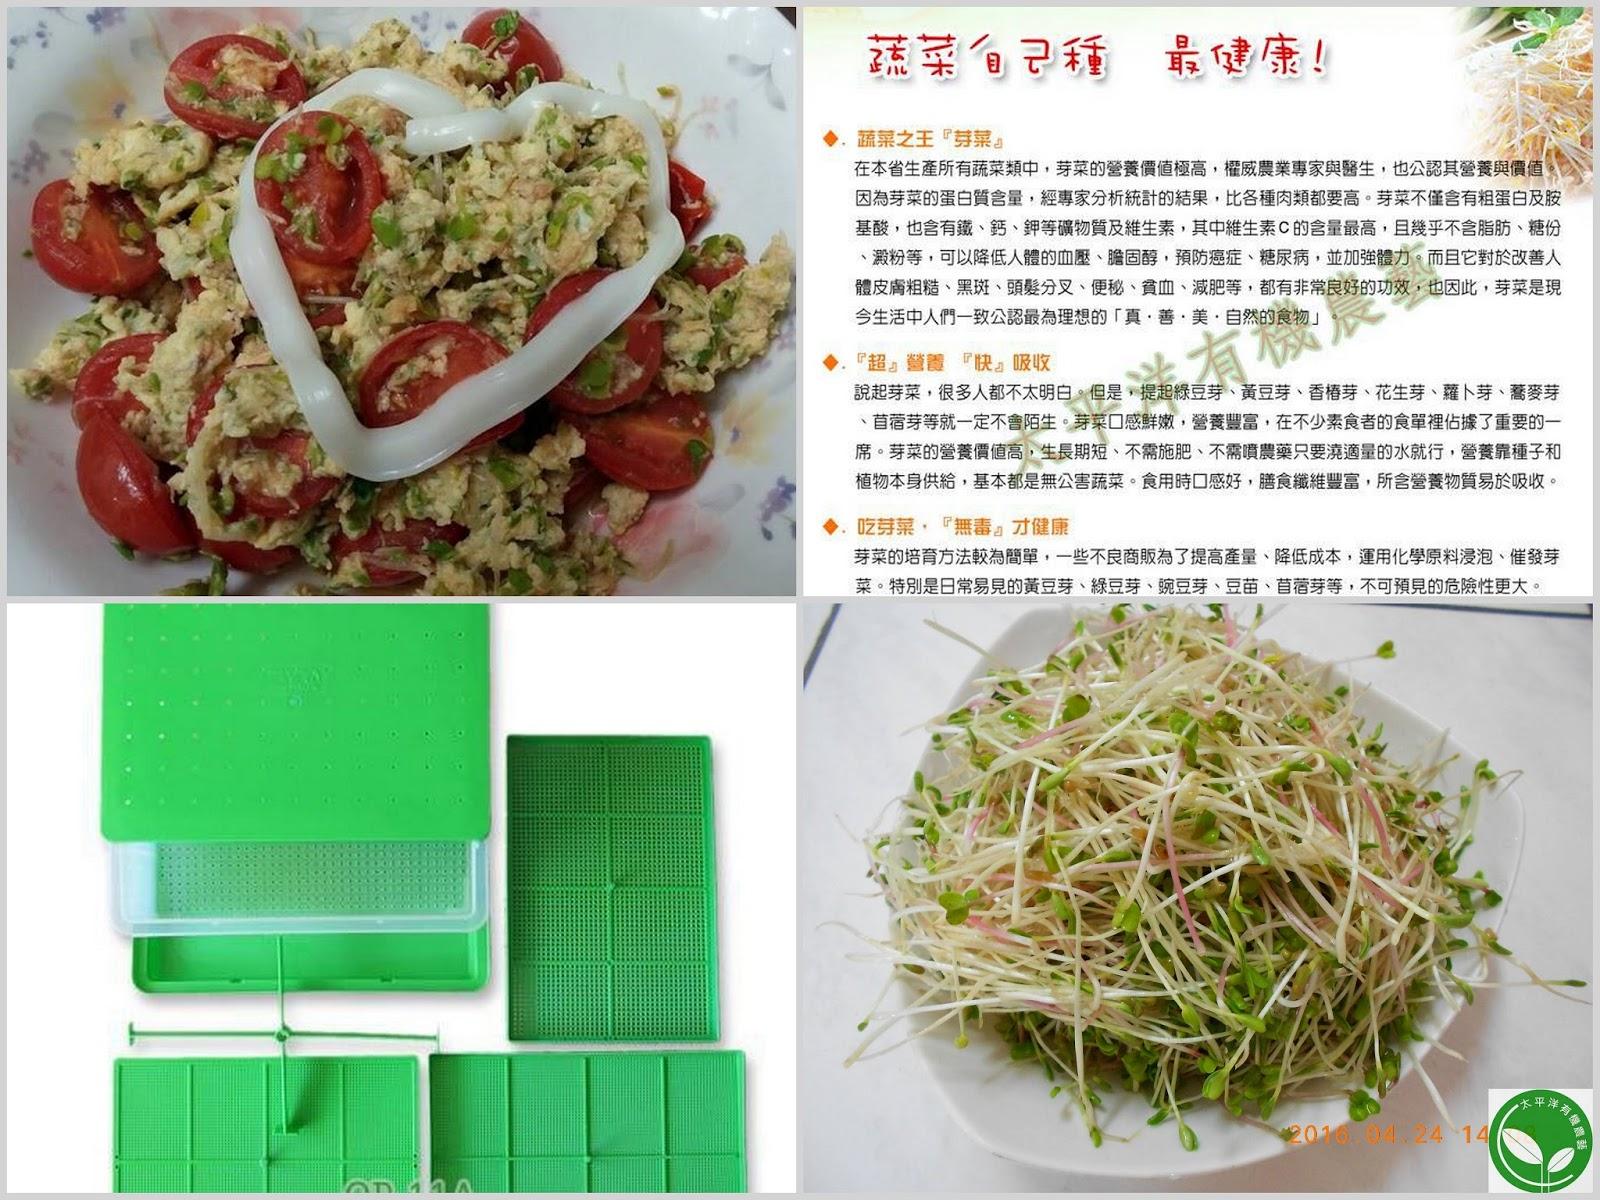 蘿蔔,蘿蔔籽,蘿蔔嬰料理,葉蘿蔔料理,蘿蔔籽茶,蘿蔔嬰,紫蘿蔔,葉蘿蔔食譜,蘿蔔種植方法,蘿蔔子功效